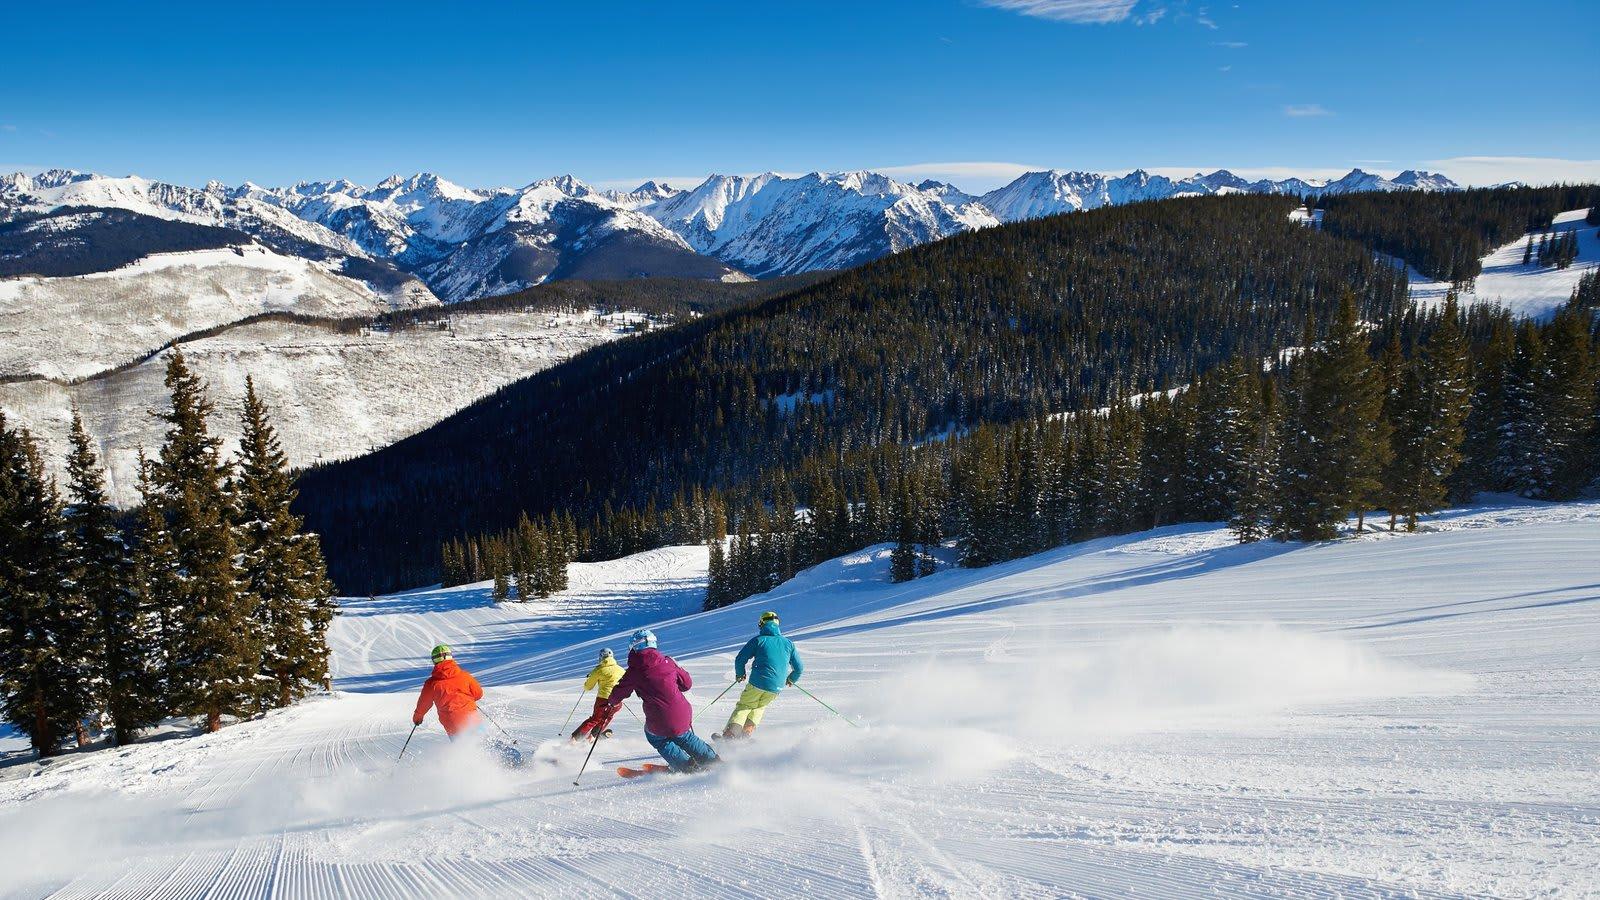 Photo courtesy of www.ski.com